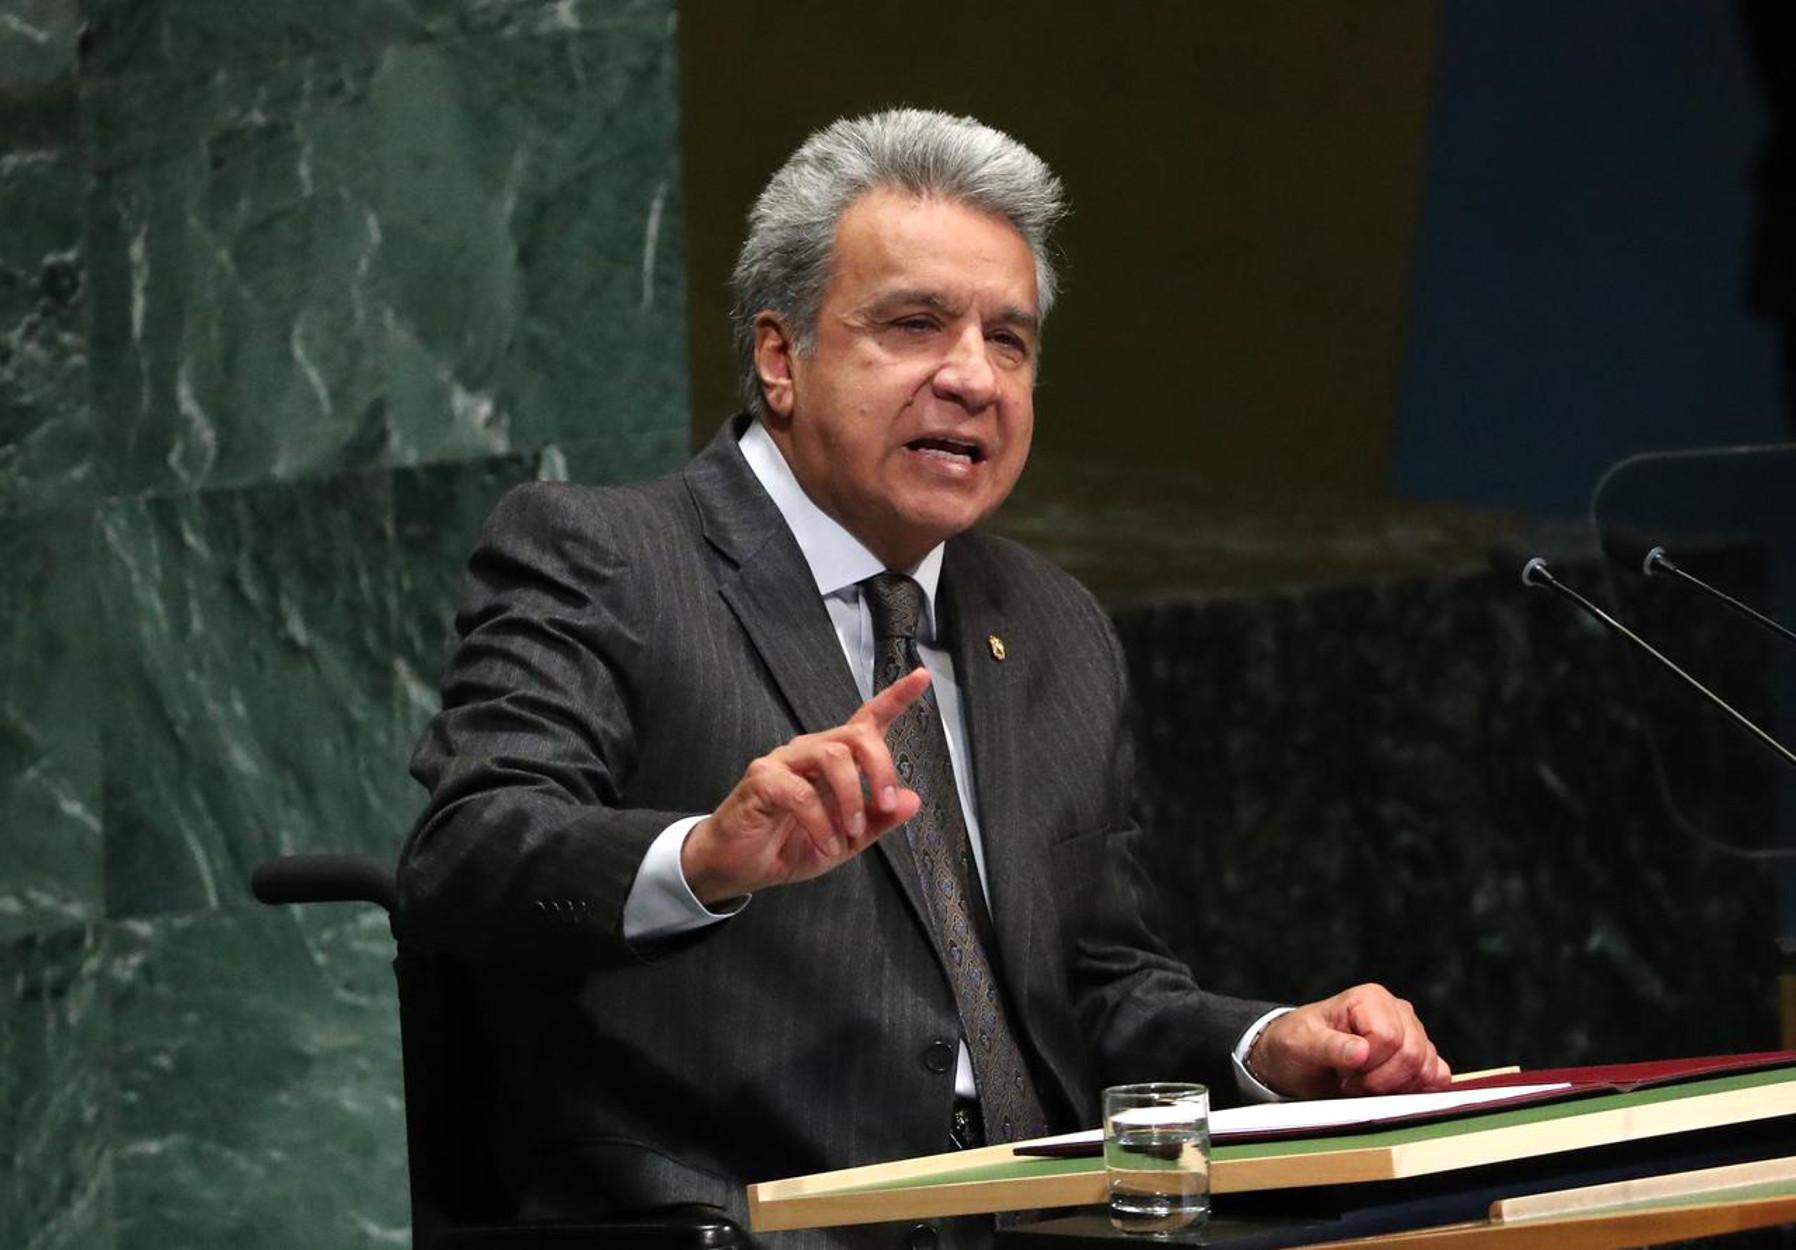 Ισημερινός: Ο πρόεδρος Μορένο και η κυβέρνηση μειώνουν τους μισθούς τους κατά 50% λόγω κορονοϊού